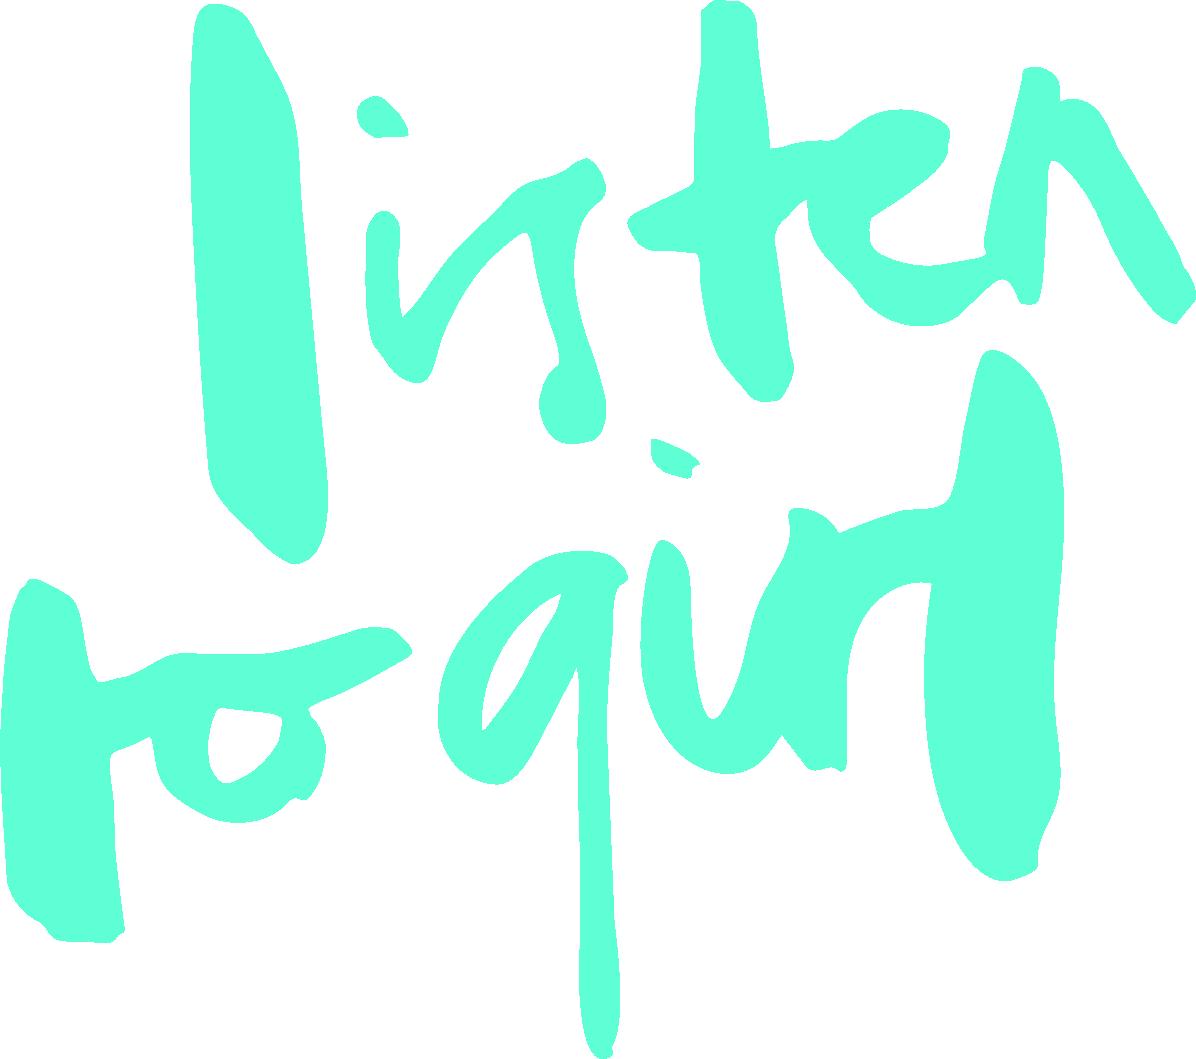 LISTEN TO GIRL